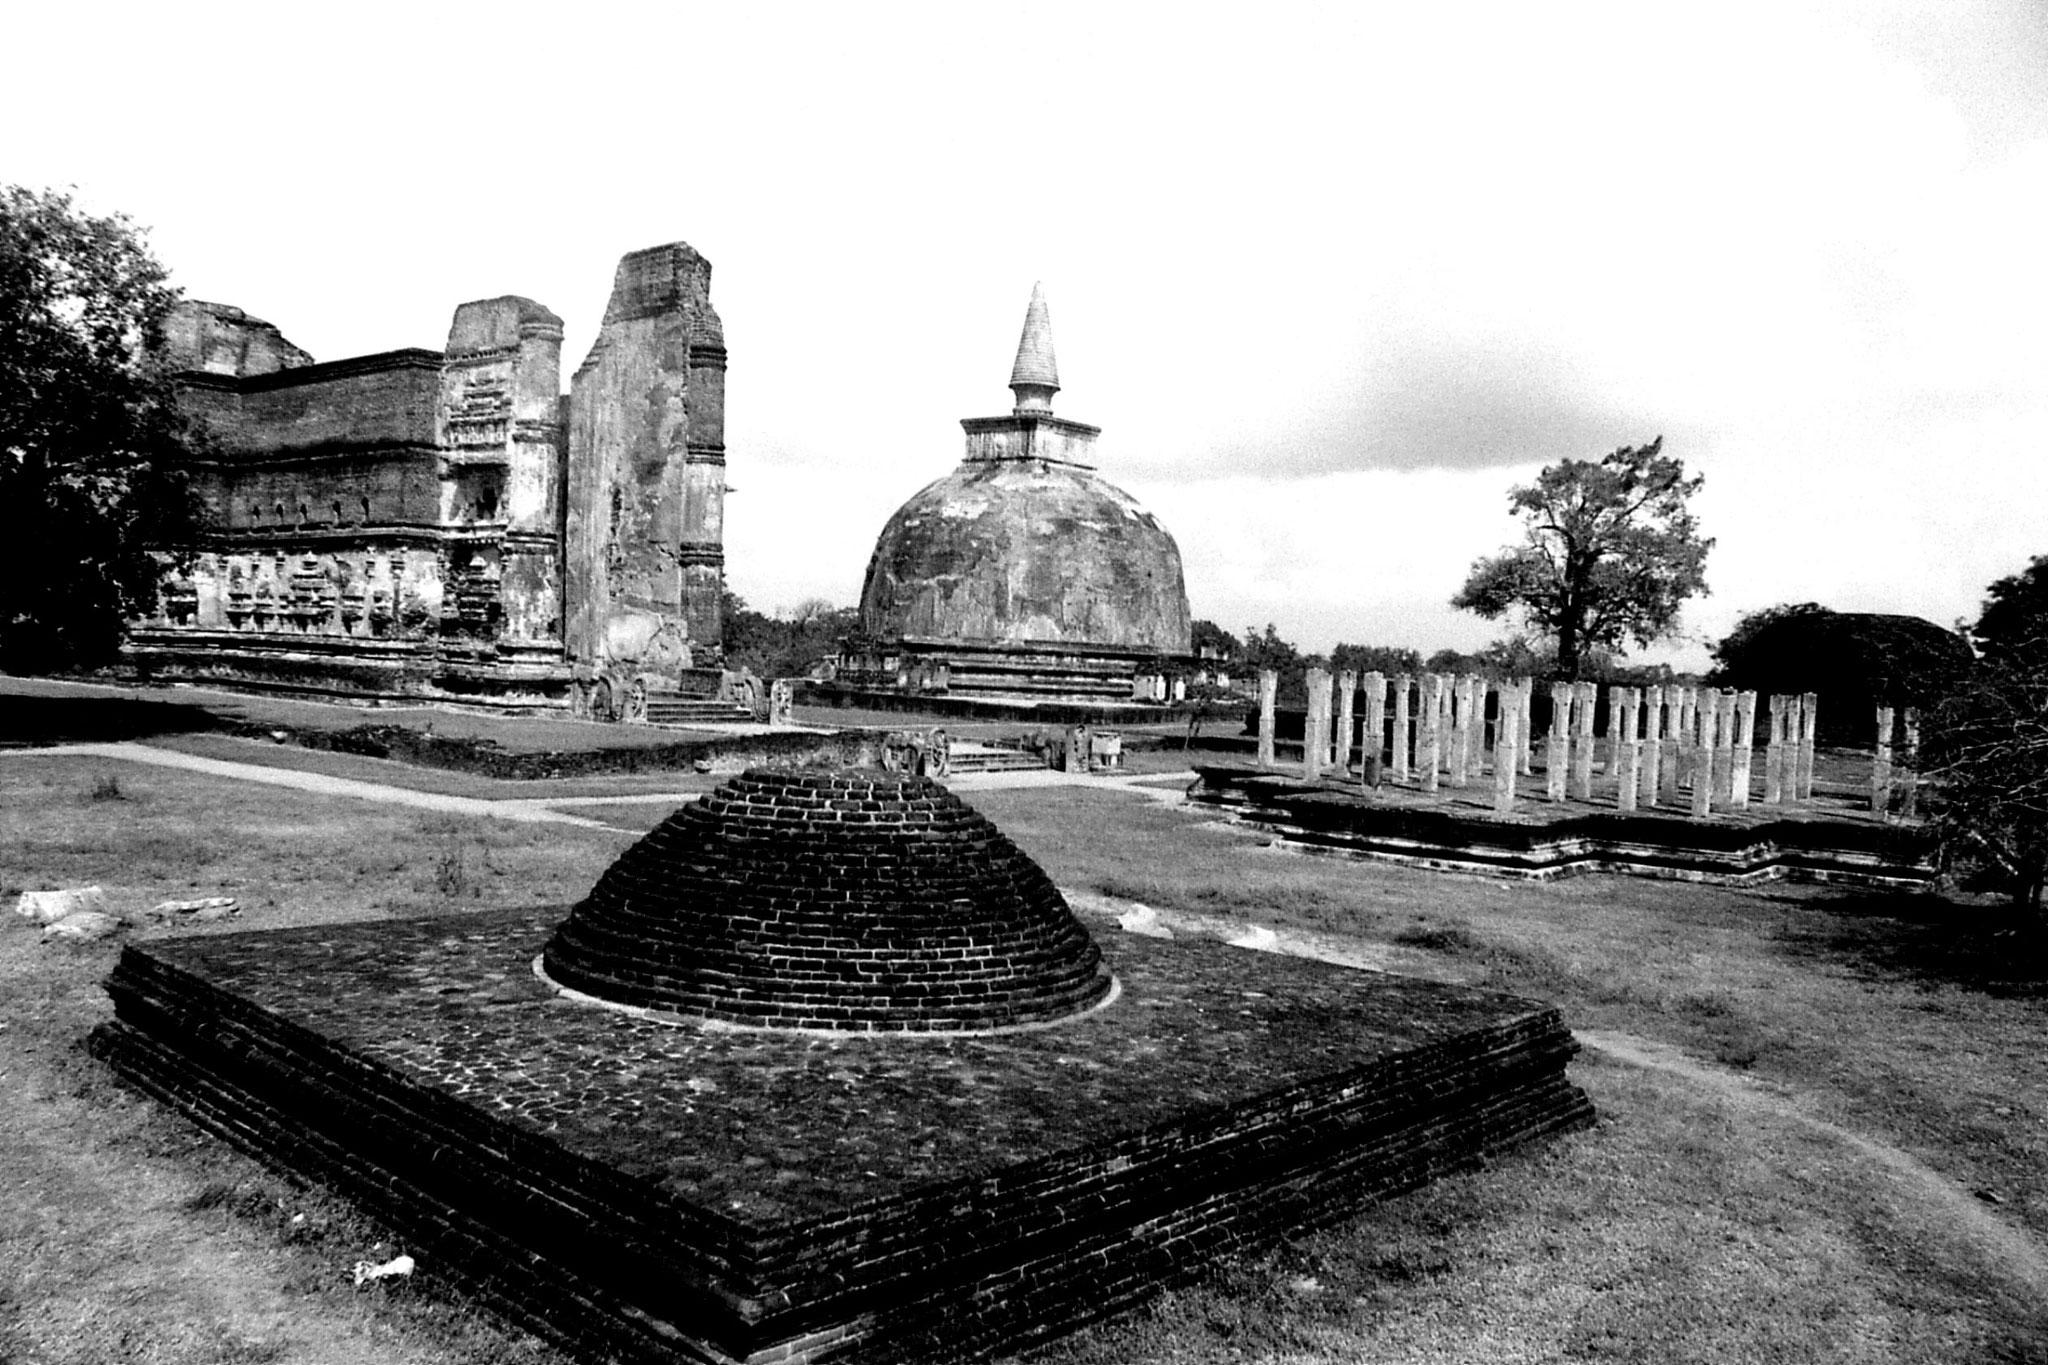 7/2/90: 17: Polonnaruwa